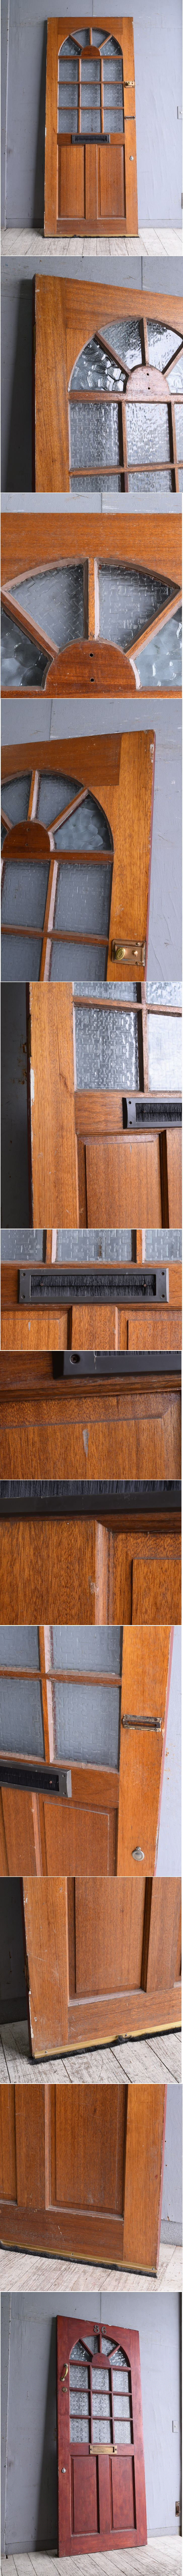 イギリス アンティーク ドア 扉 建具 10178